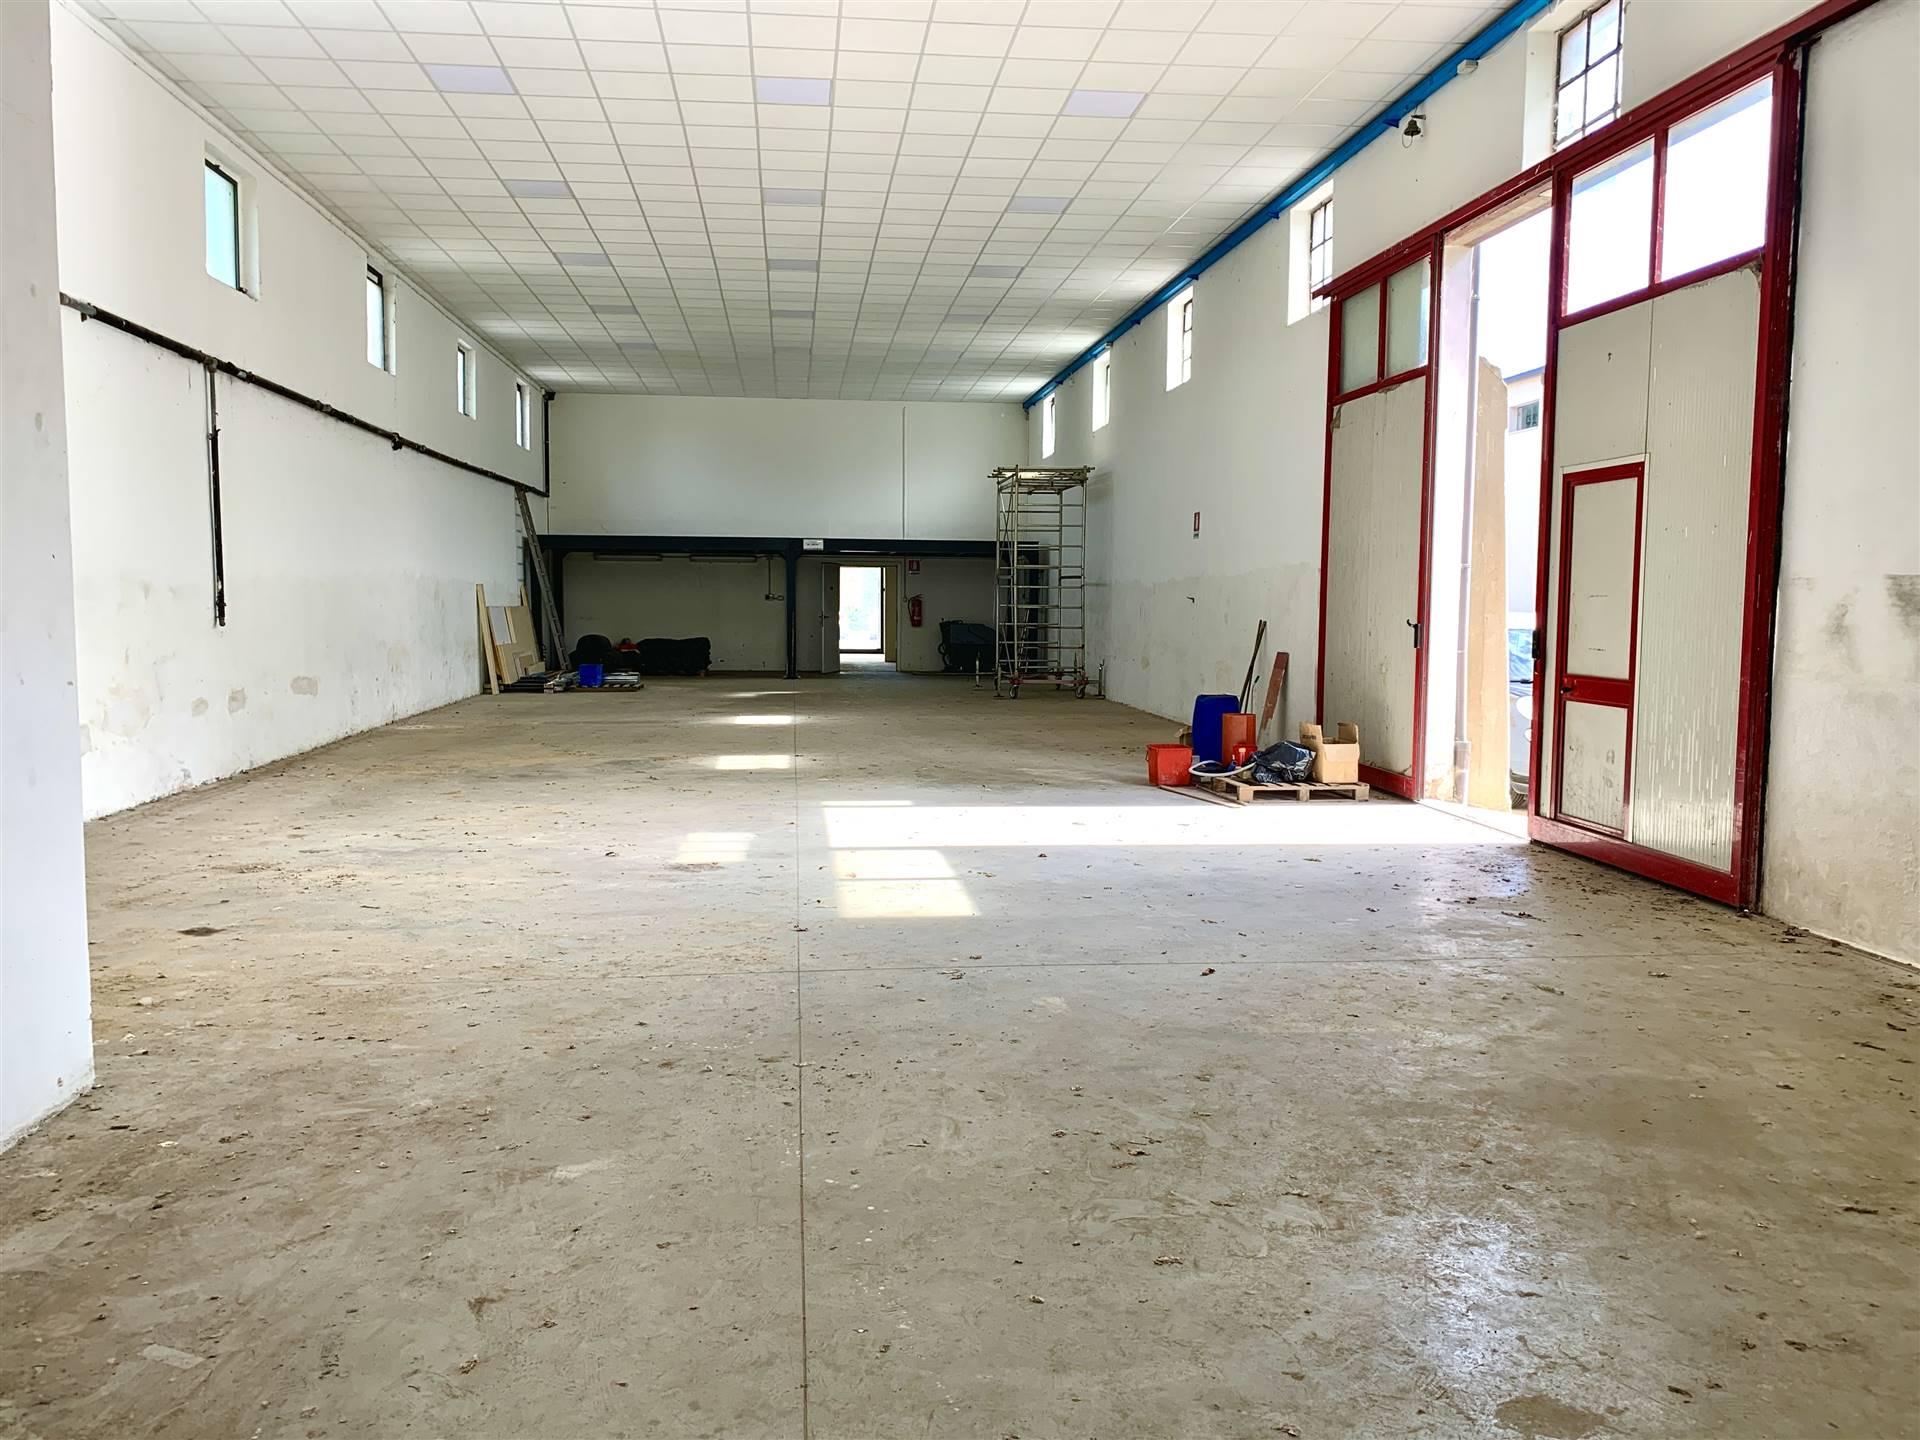 Immobile Commerciale in affitto a Porto Mantovano, 5 locali, prezzo € 1.100   PortaleAgenzieImmobiliari.it